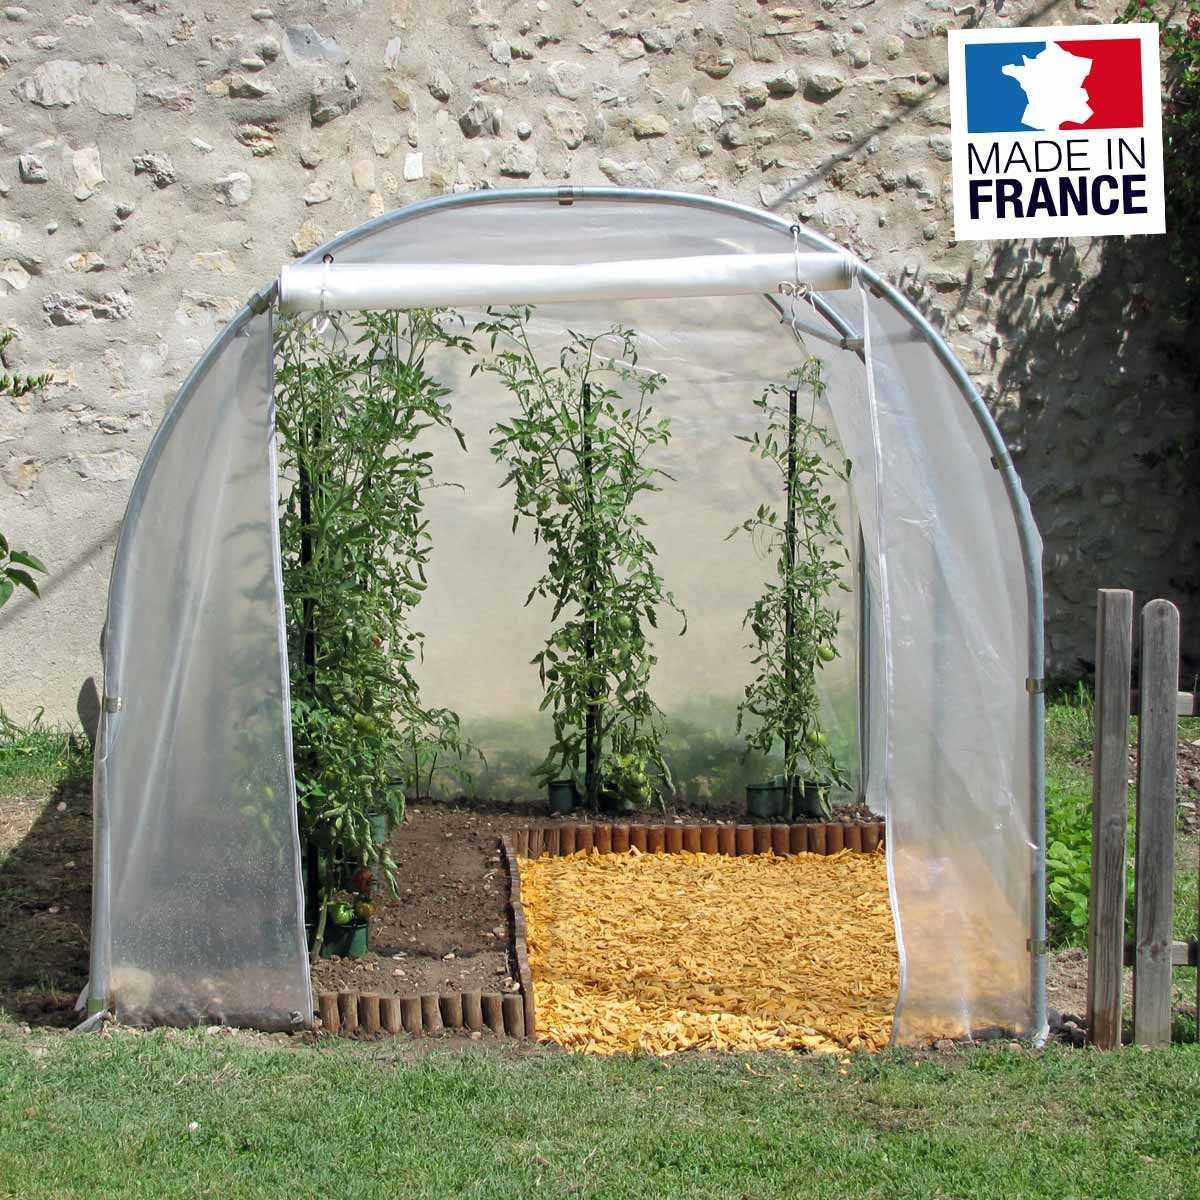 Serre Tunnel De Jardin 2M X 3M - 6M2 tout Serre De Jardin 6M2